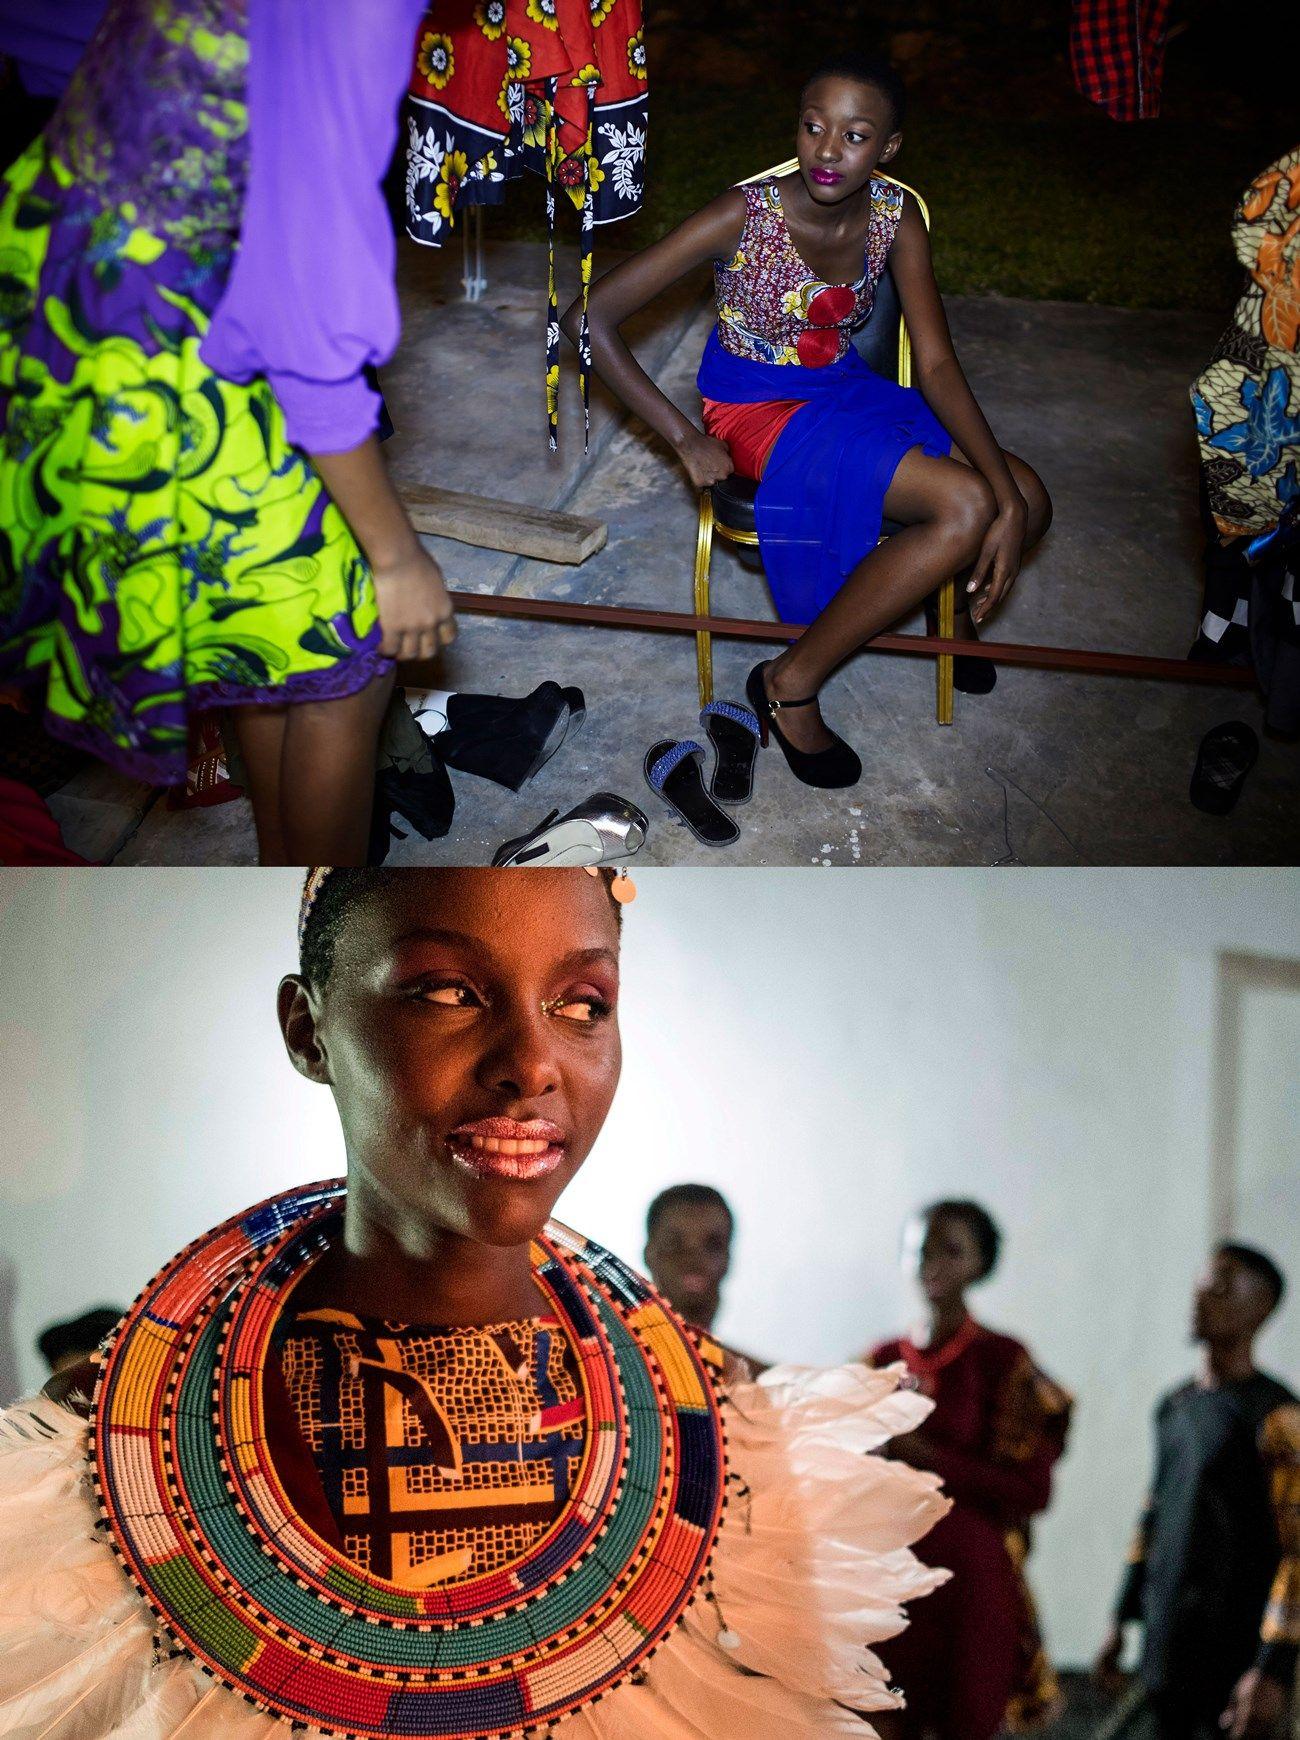 No Design Schools No Problem For This Emerging Fashion Hub Emerging Fashion Swahili Fashion Fashion Hub